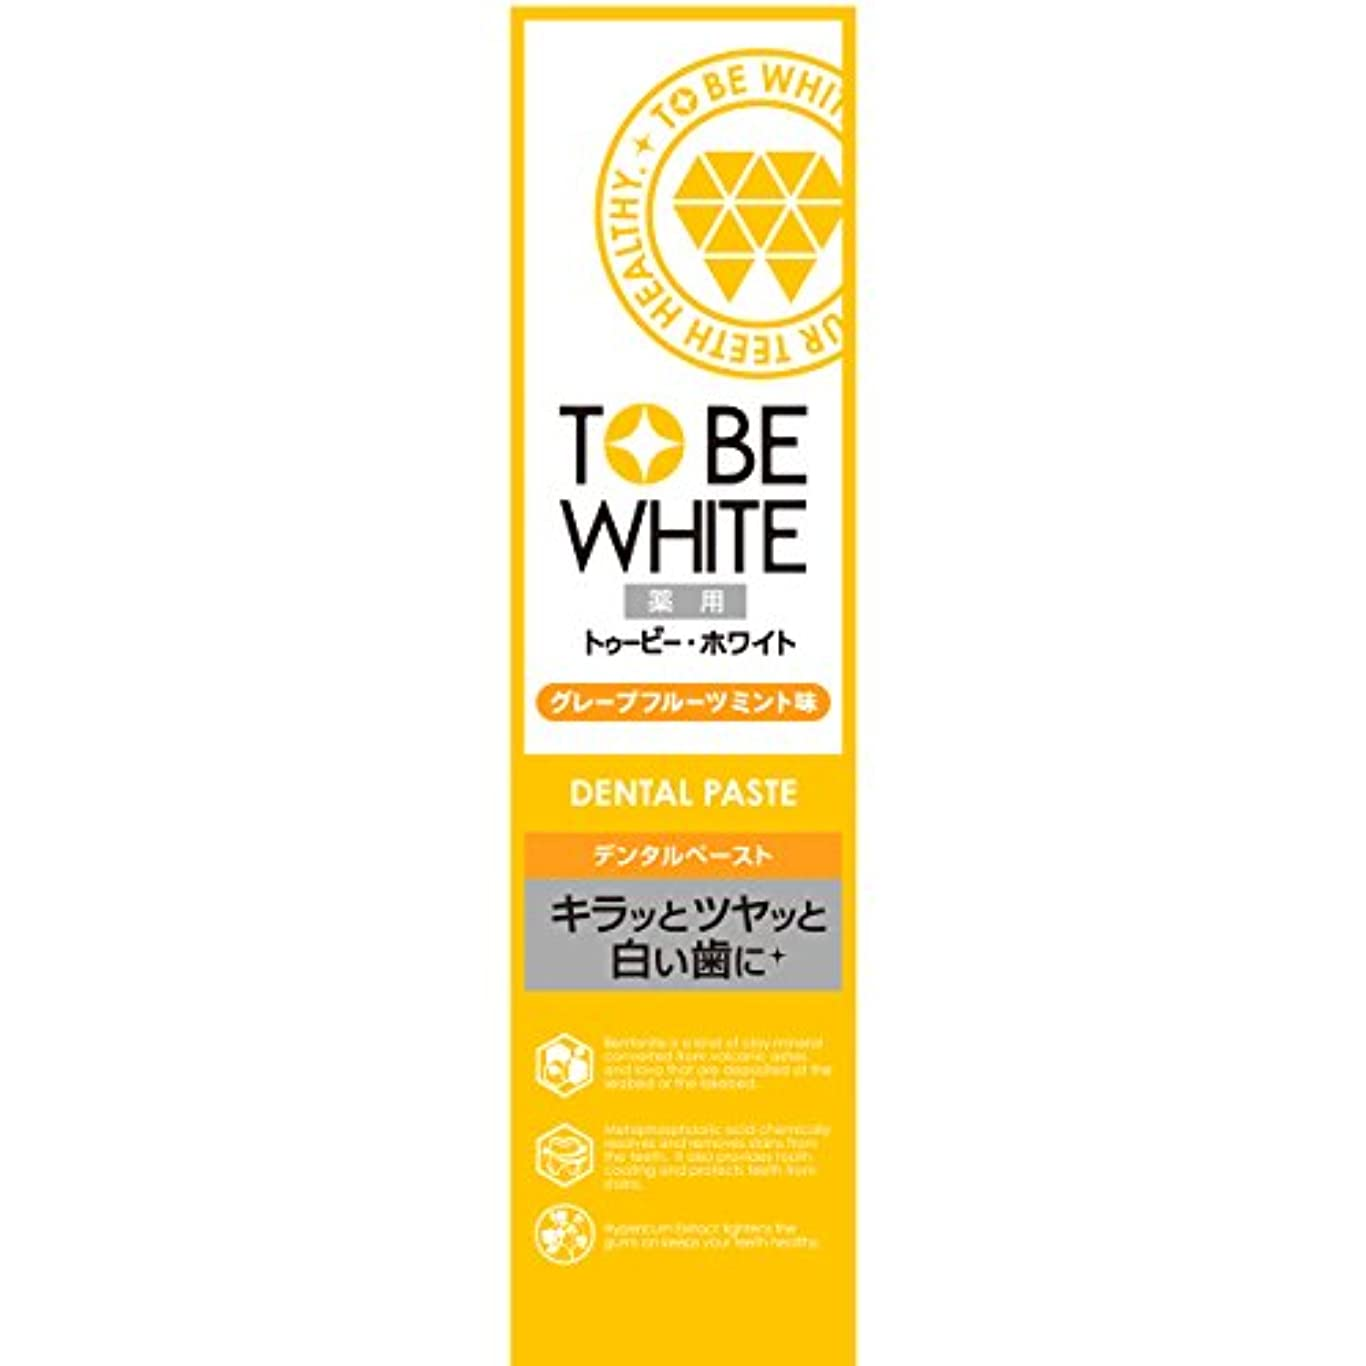 地下イノセンス再びトゥービー?ホワイト 薬用 ホワイトニング ハミガキ粉 グレープフルーツミント 味 60g 【医薬部外品】